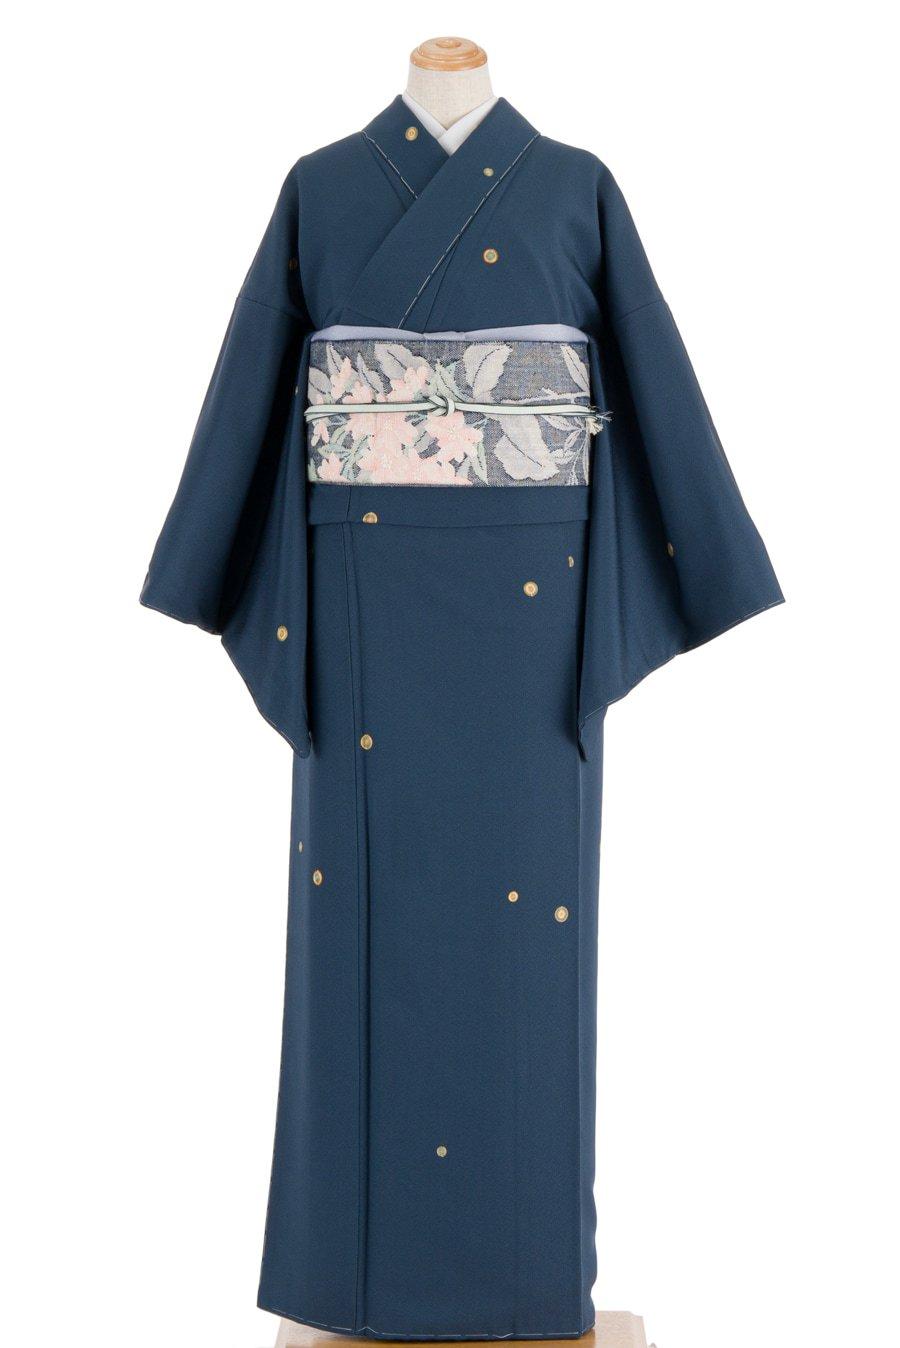 「紺青地に 的刺繍」の商品画像